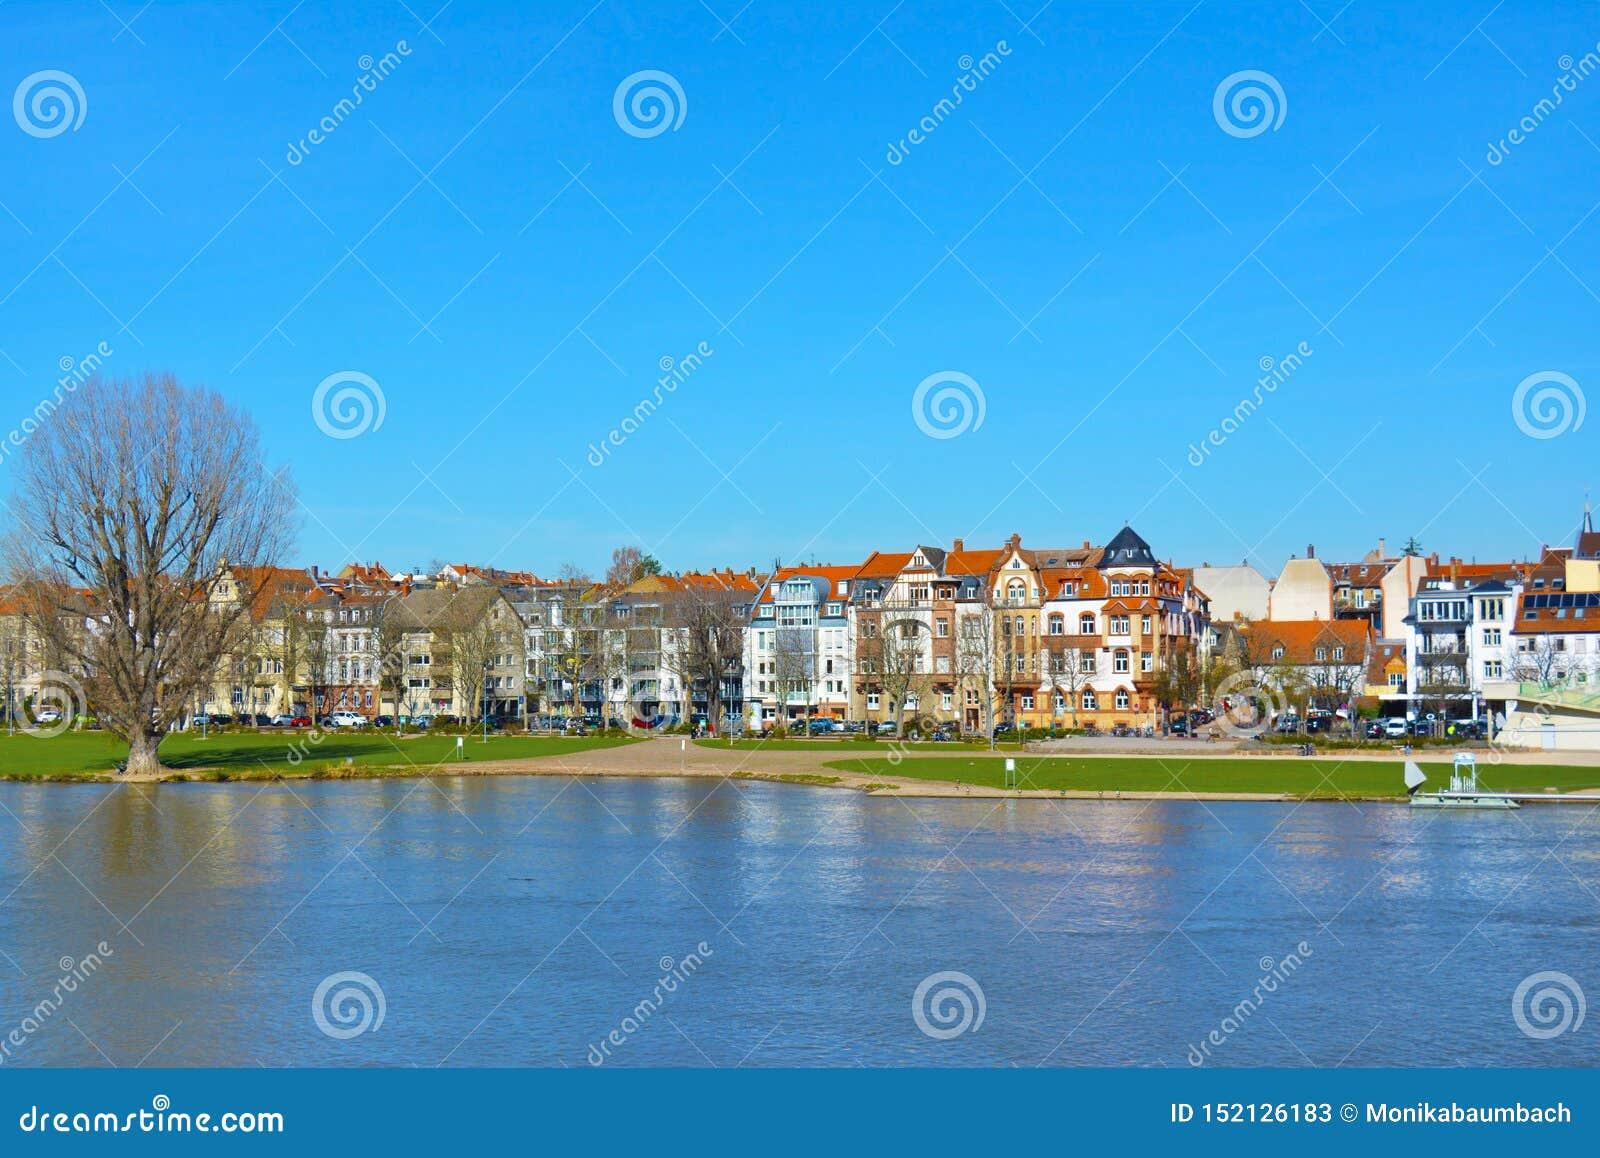 Widok nad niskim Neckar brzeg rzekim z dużą łąką dzwonił «Neckarwiese jako popularny miejsce spotkania dla ludzi w wiośnie i leci